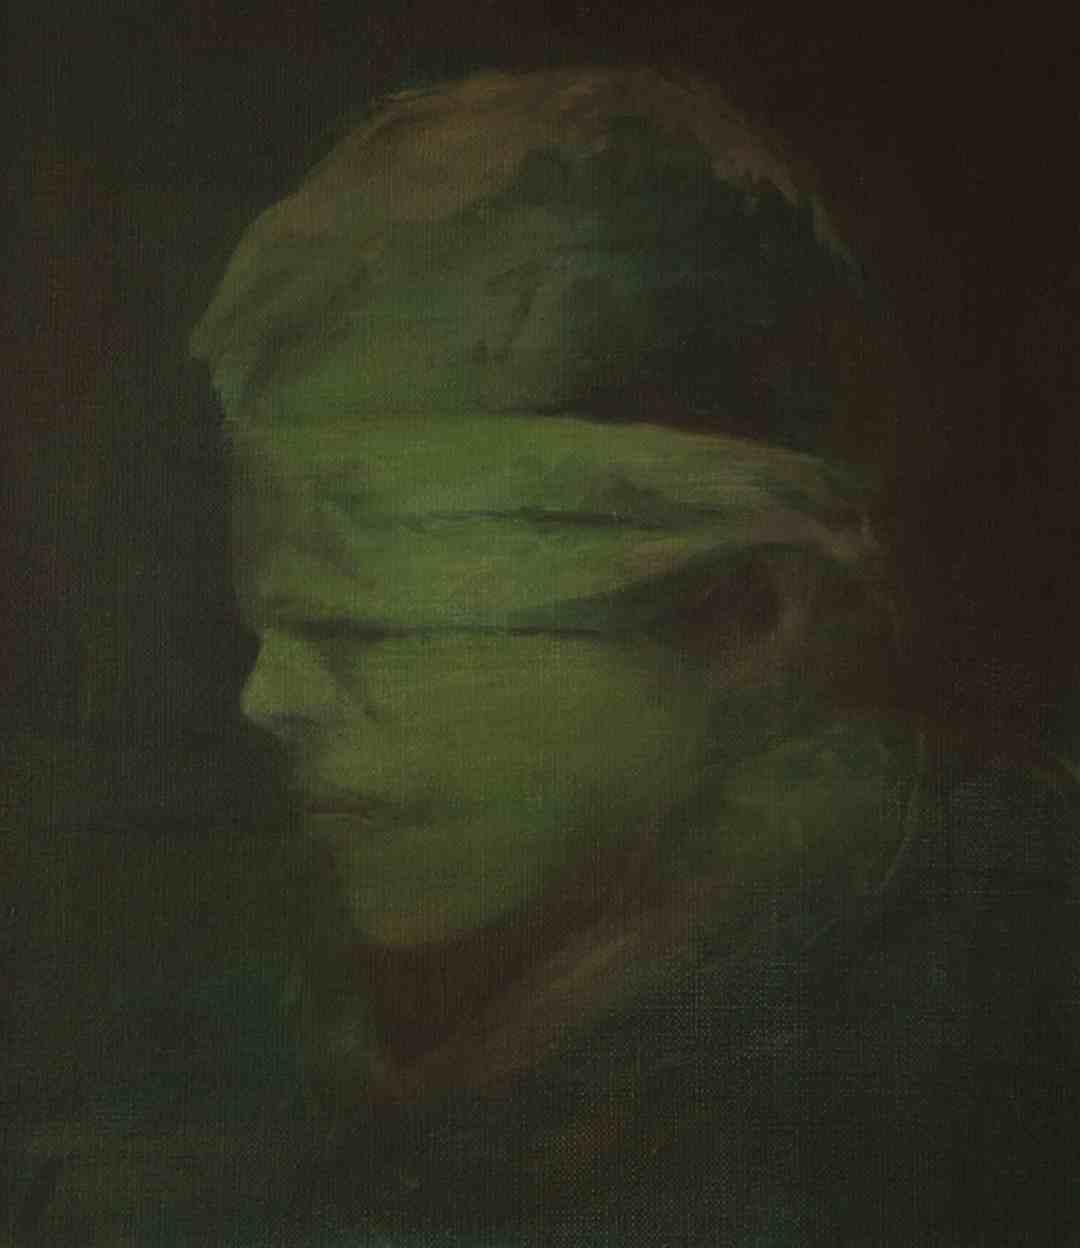 Bez tytułu, 35 x 40 cm, olej na płótnie, 2015